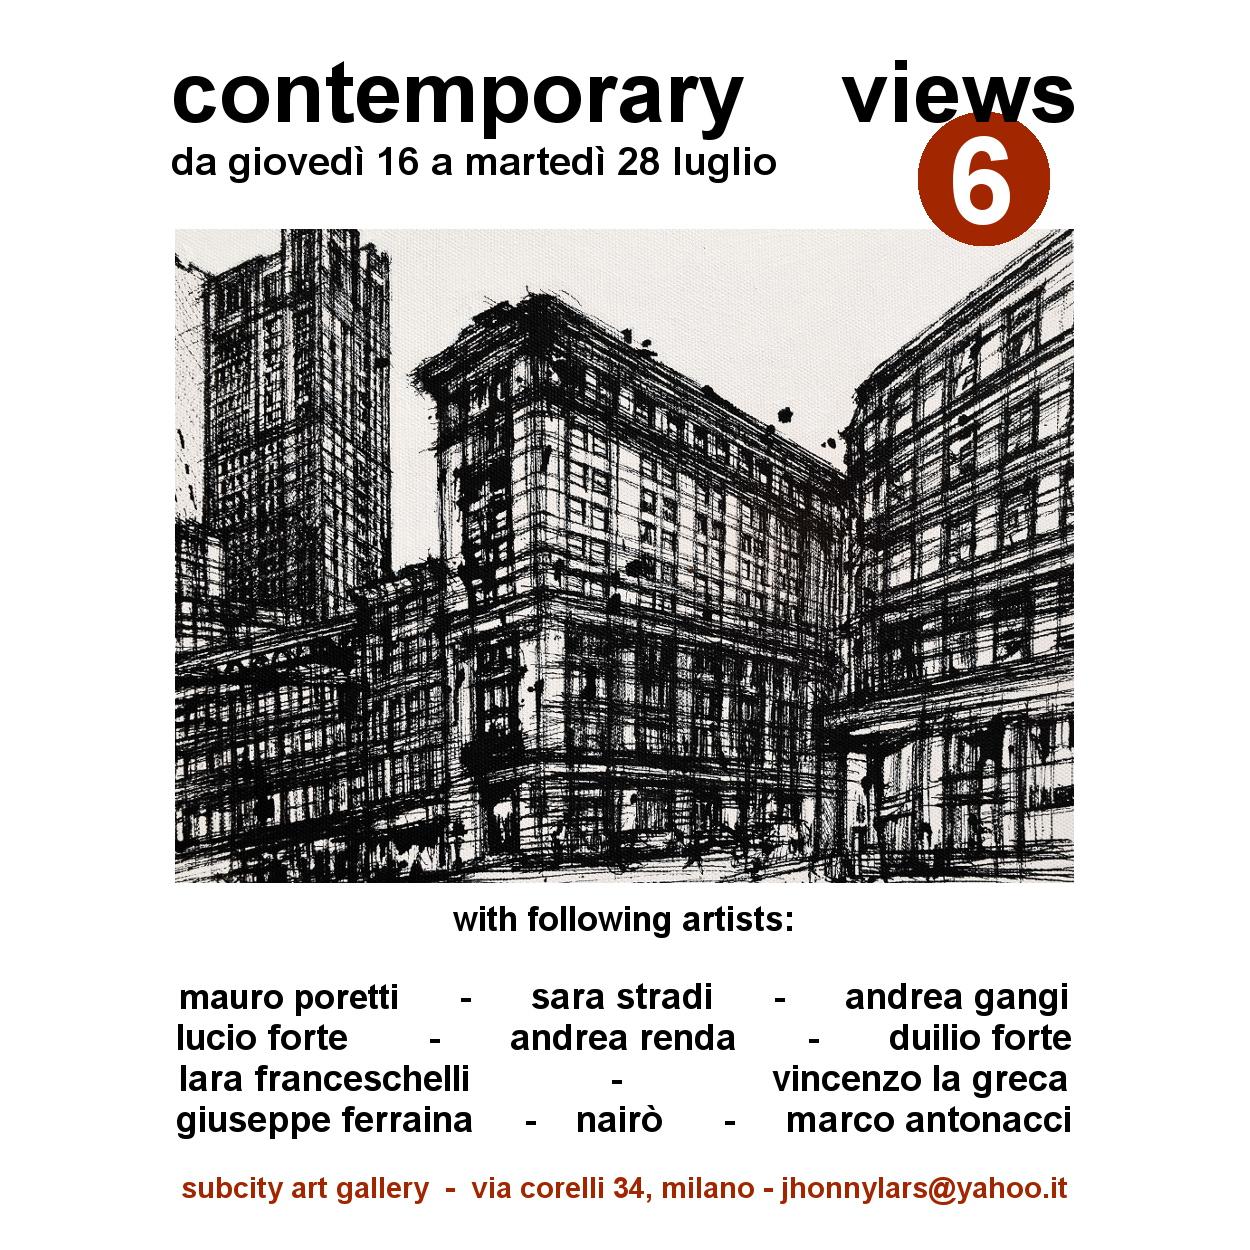 contemporary views 6